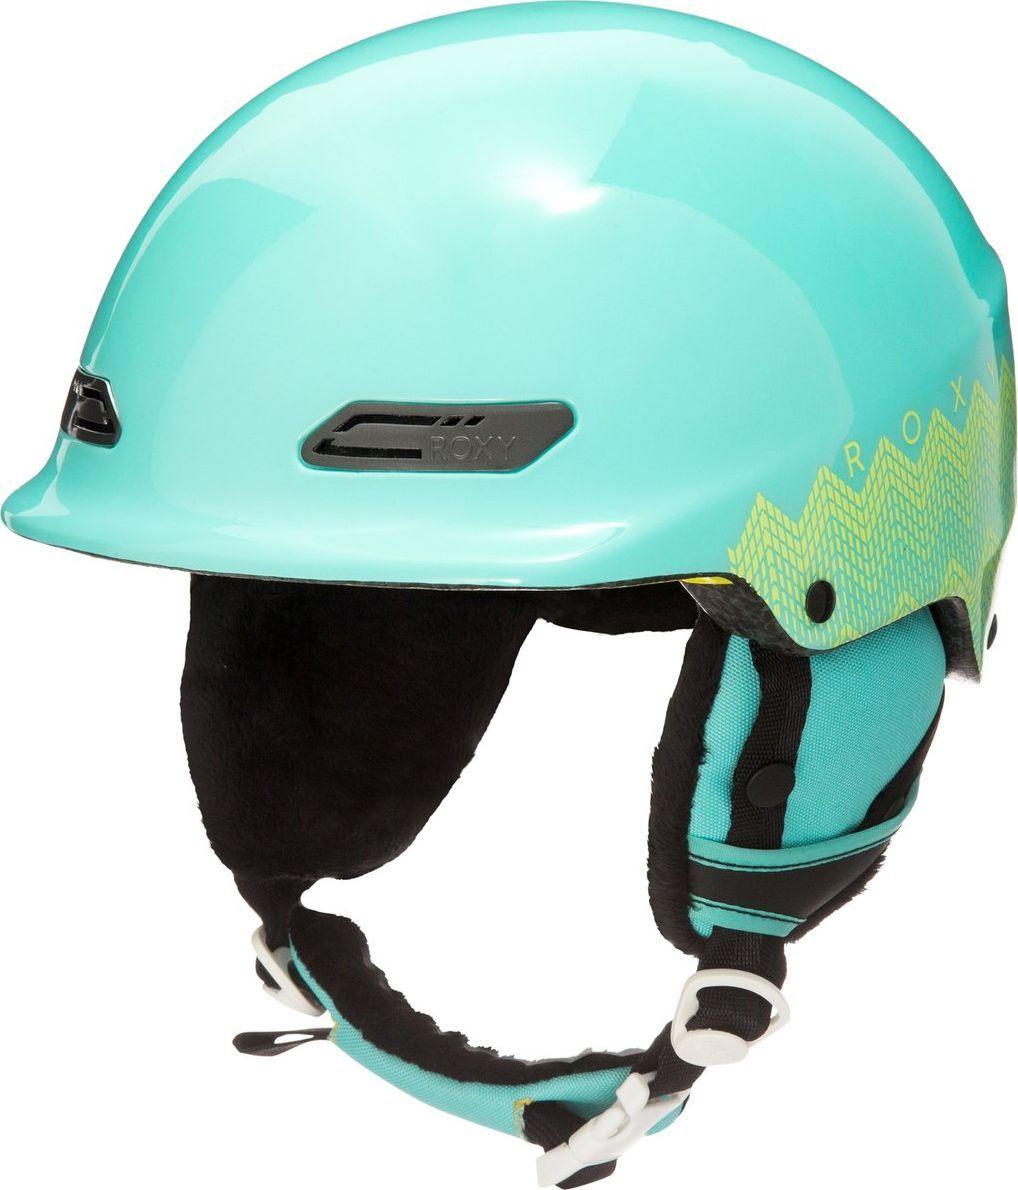 Шлем зимний женский Roxy  ERJTL03018-BFK0 , цвет: бирюзовый. Размер 54 - Горные лыжи